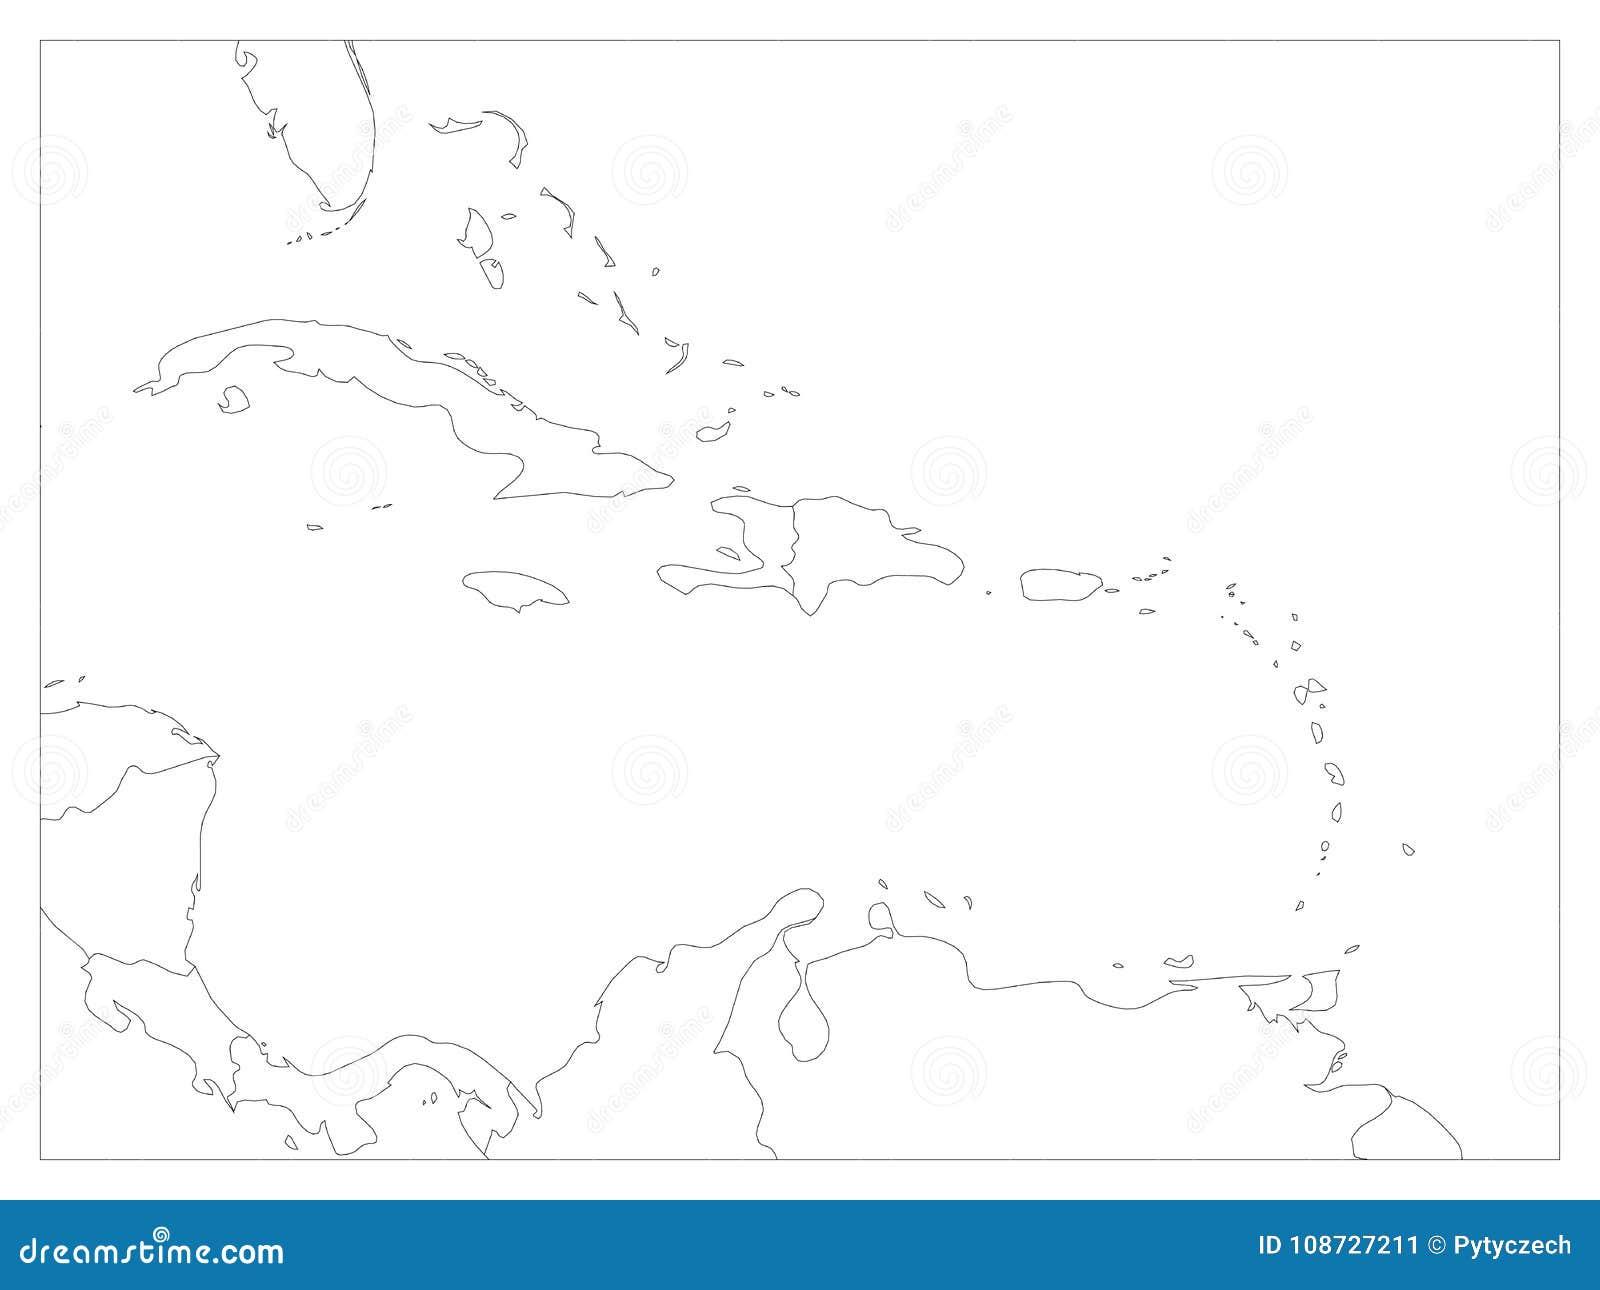 Midden-Amerika en de Caraïbische politieke kaart van staten Zwarte overzichtsgrenzen Eenvoudige vlakke vectorillustratie